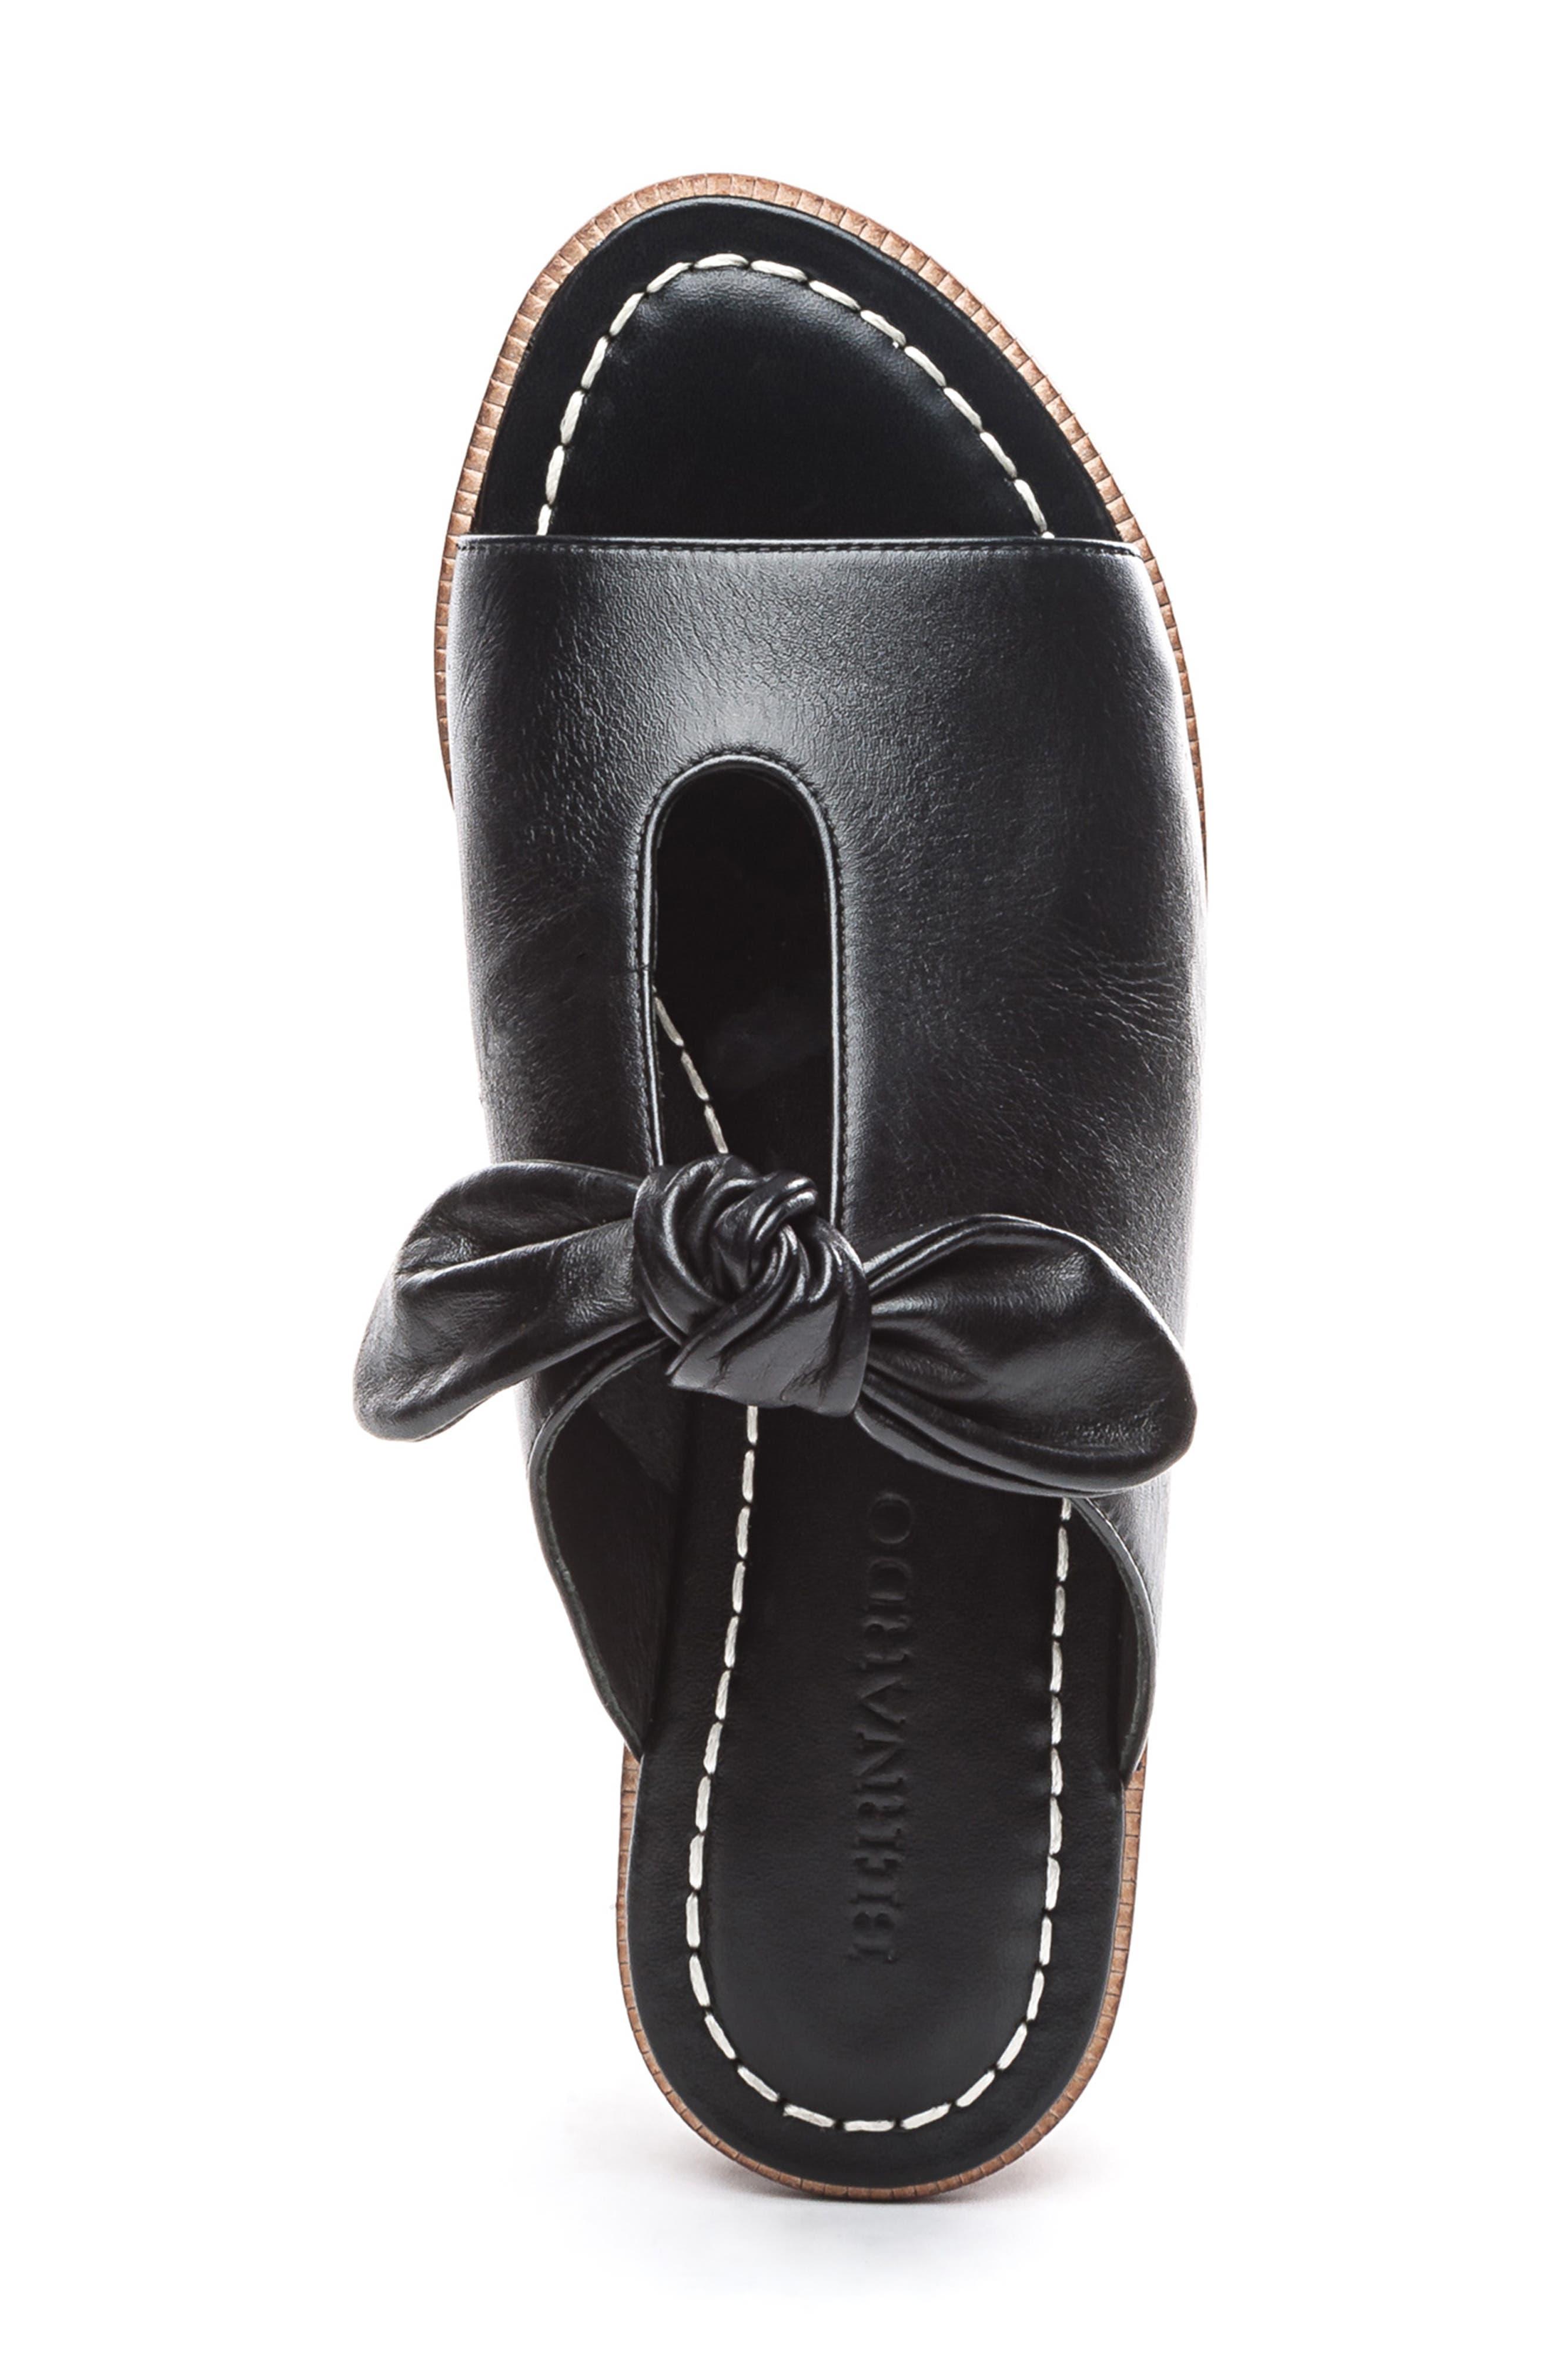 BERNARDO, Alice Bow Slide Sandal, Alternate thumbnail 5, color, BLACK LEATHER